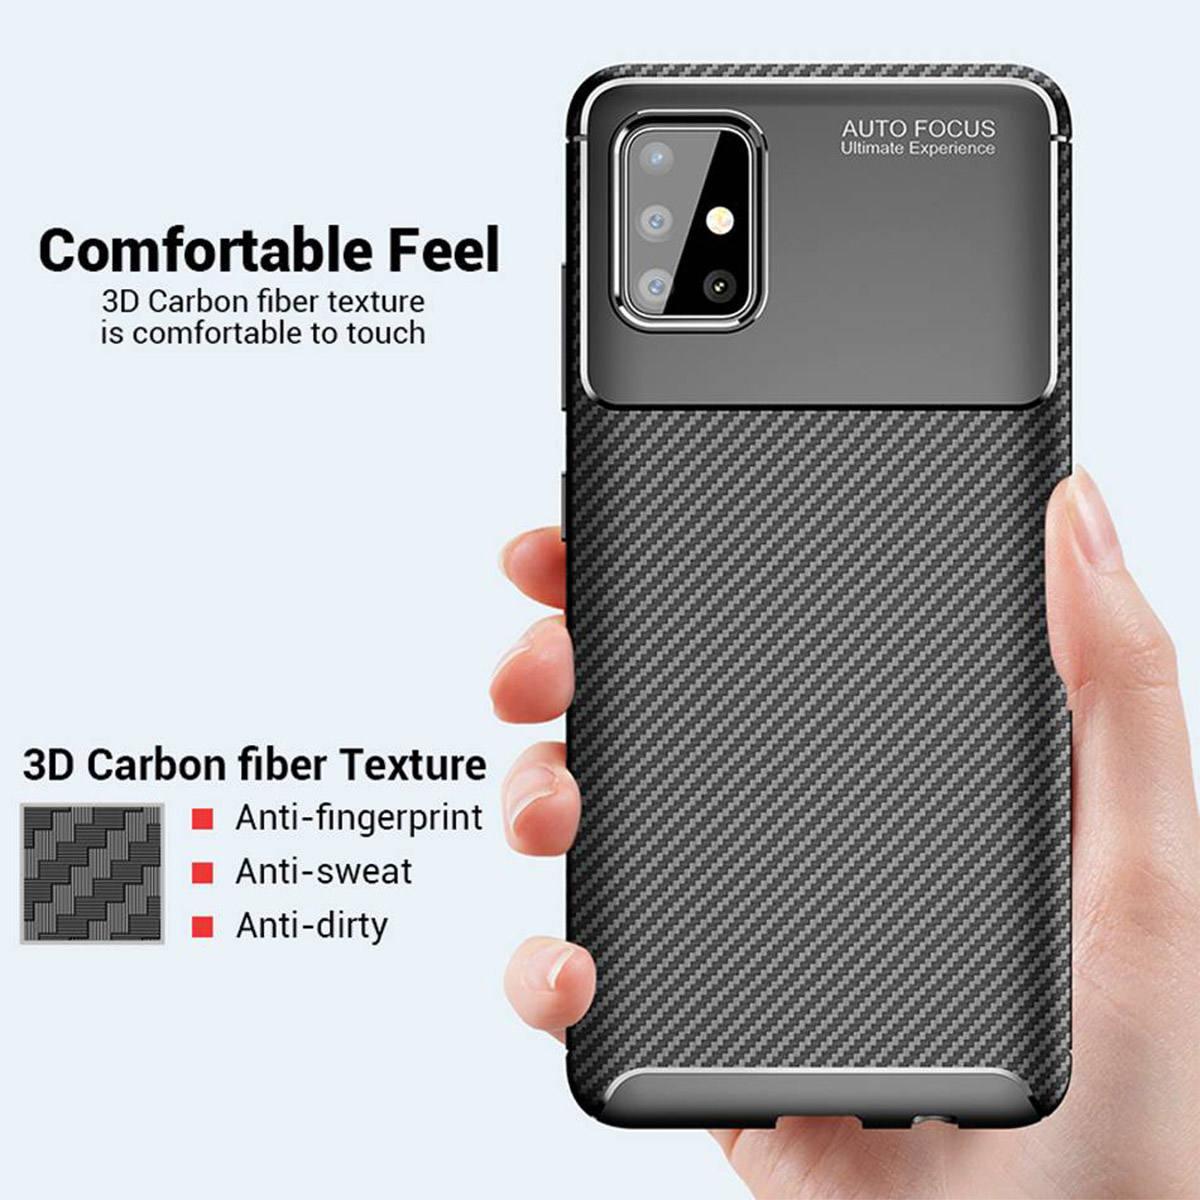 کاور لاین کینگ مدل A21 مناسب برای گوشی موبایل سامسونگ Galaxy A71 thumb 2 29